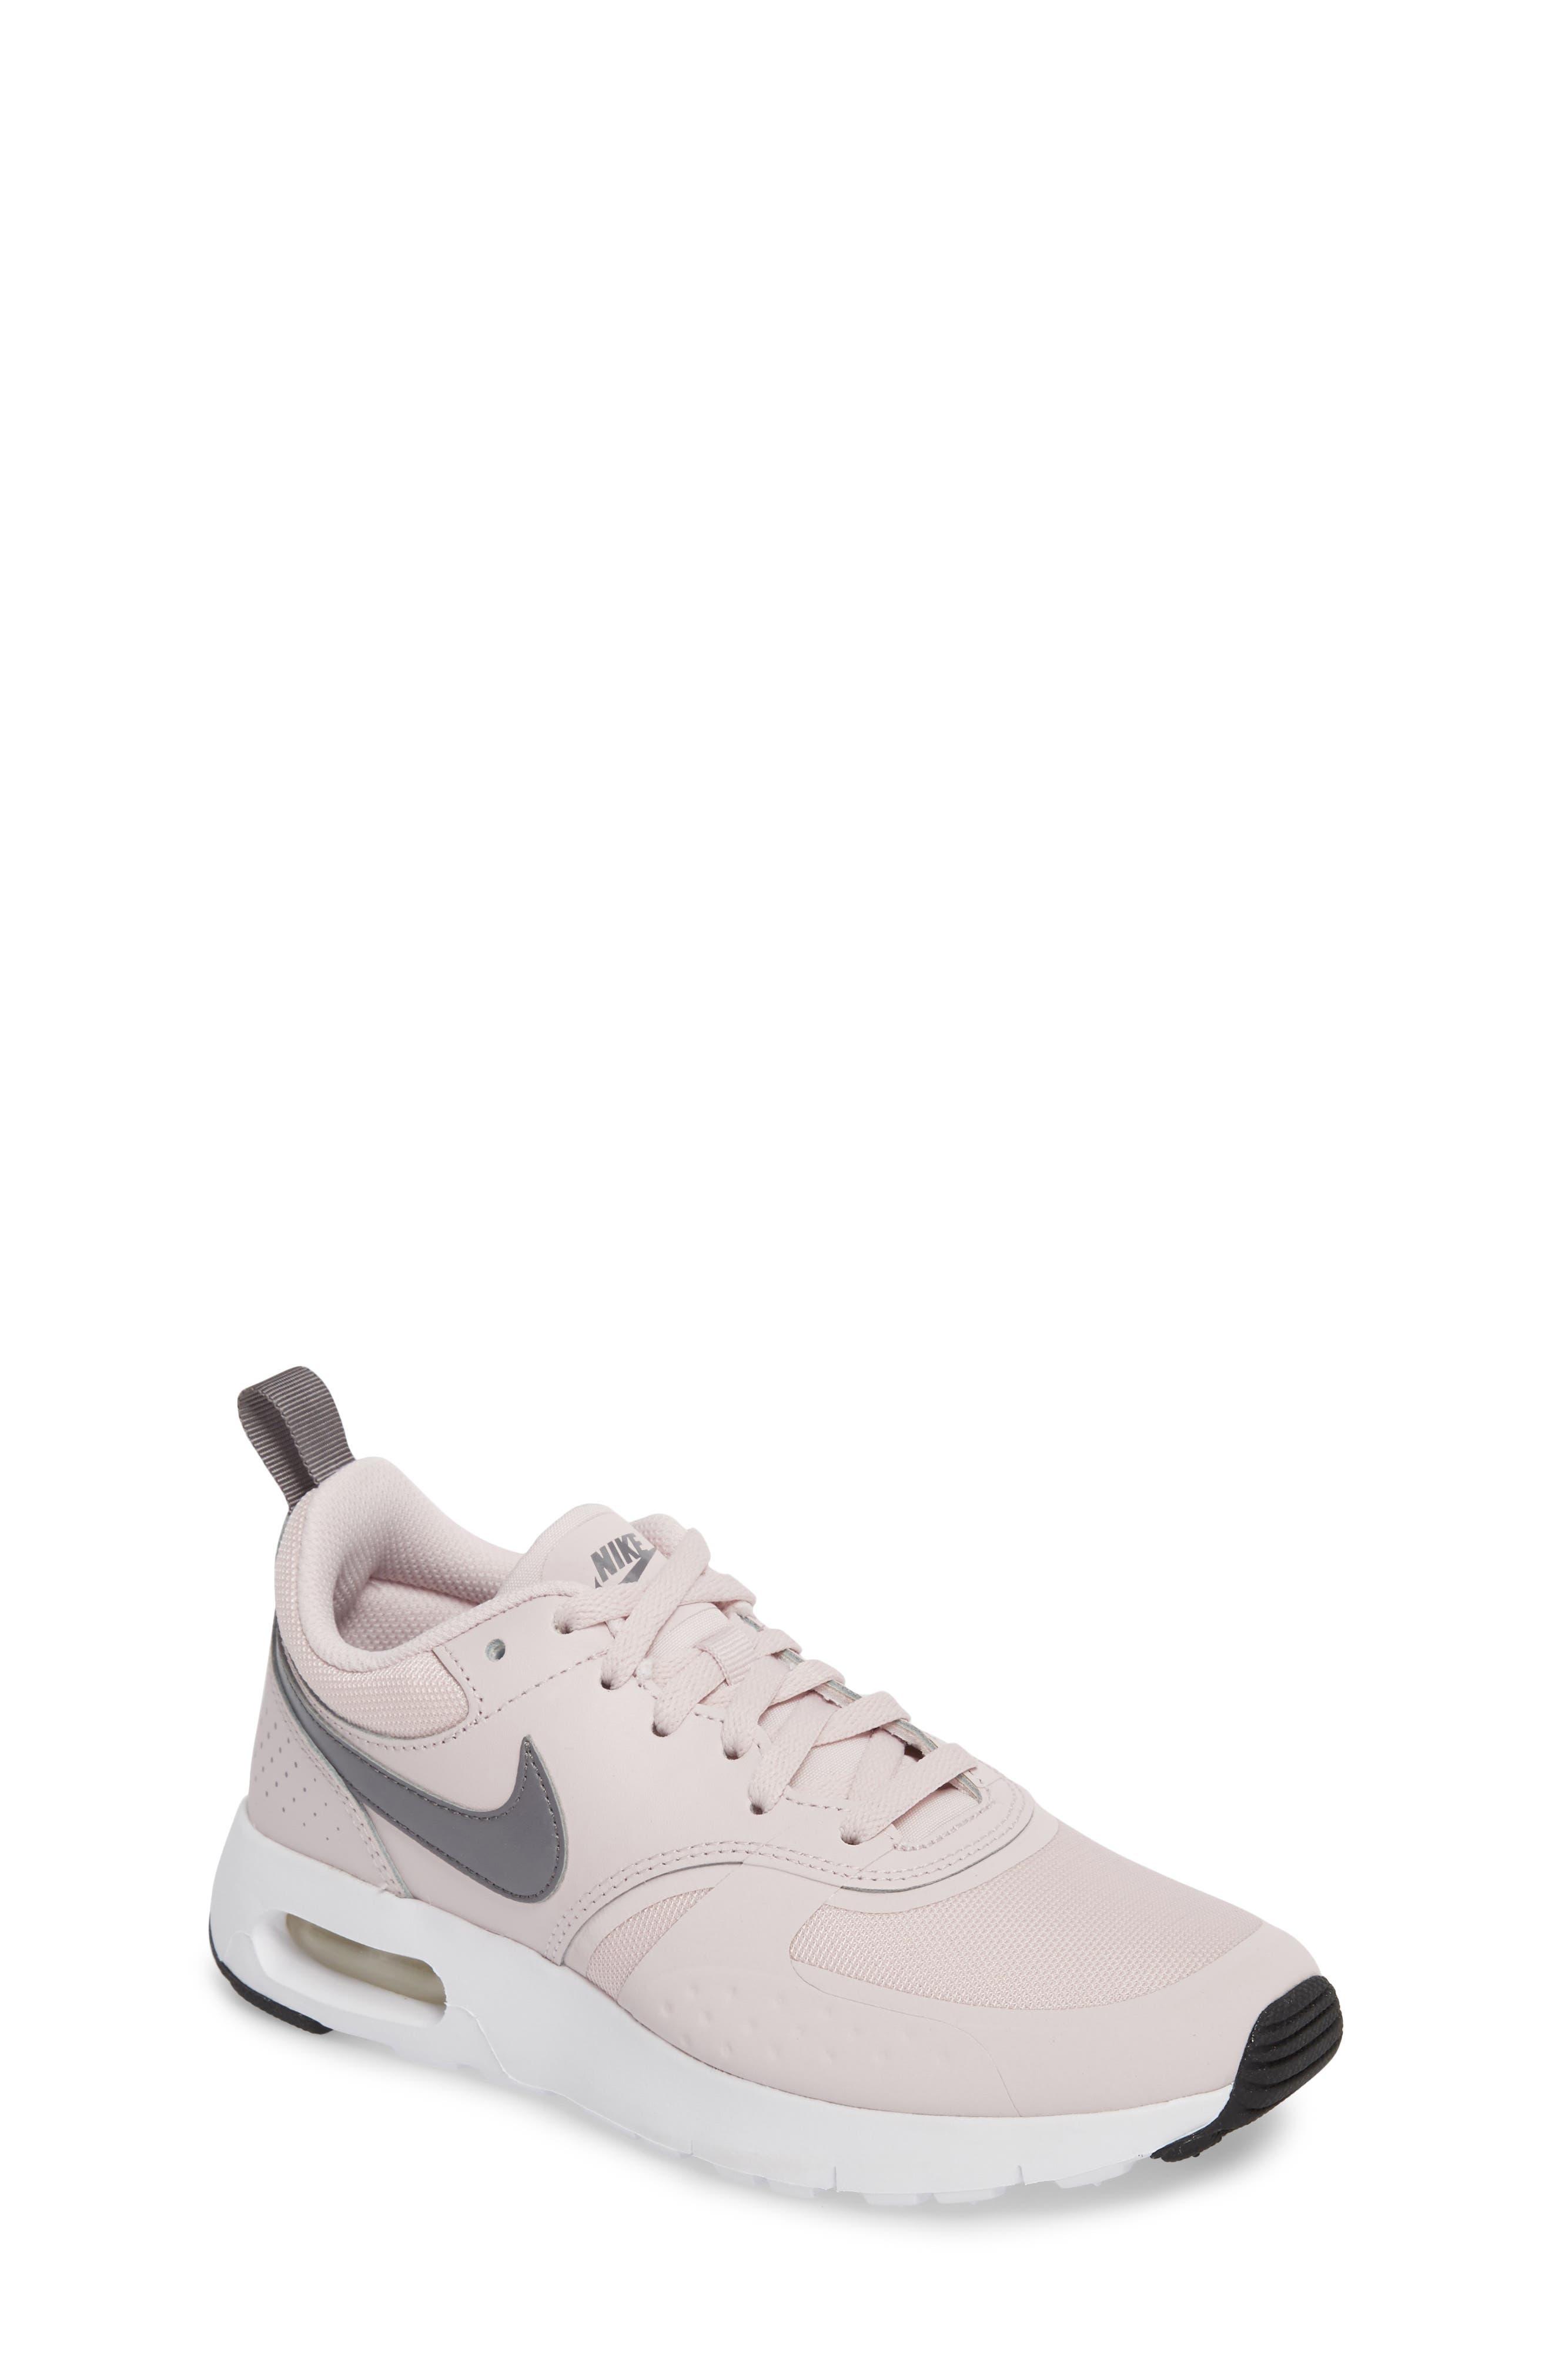 Air Max Vision Sneaker,                         Main,                         color,